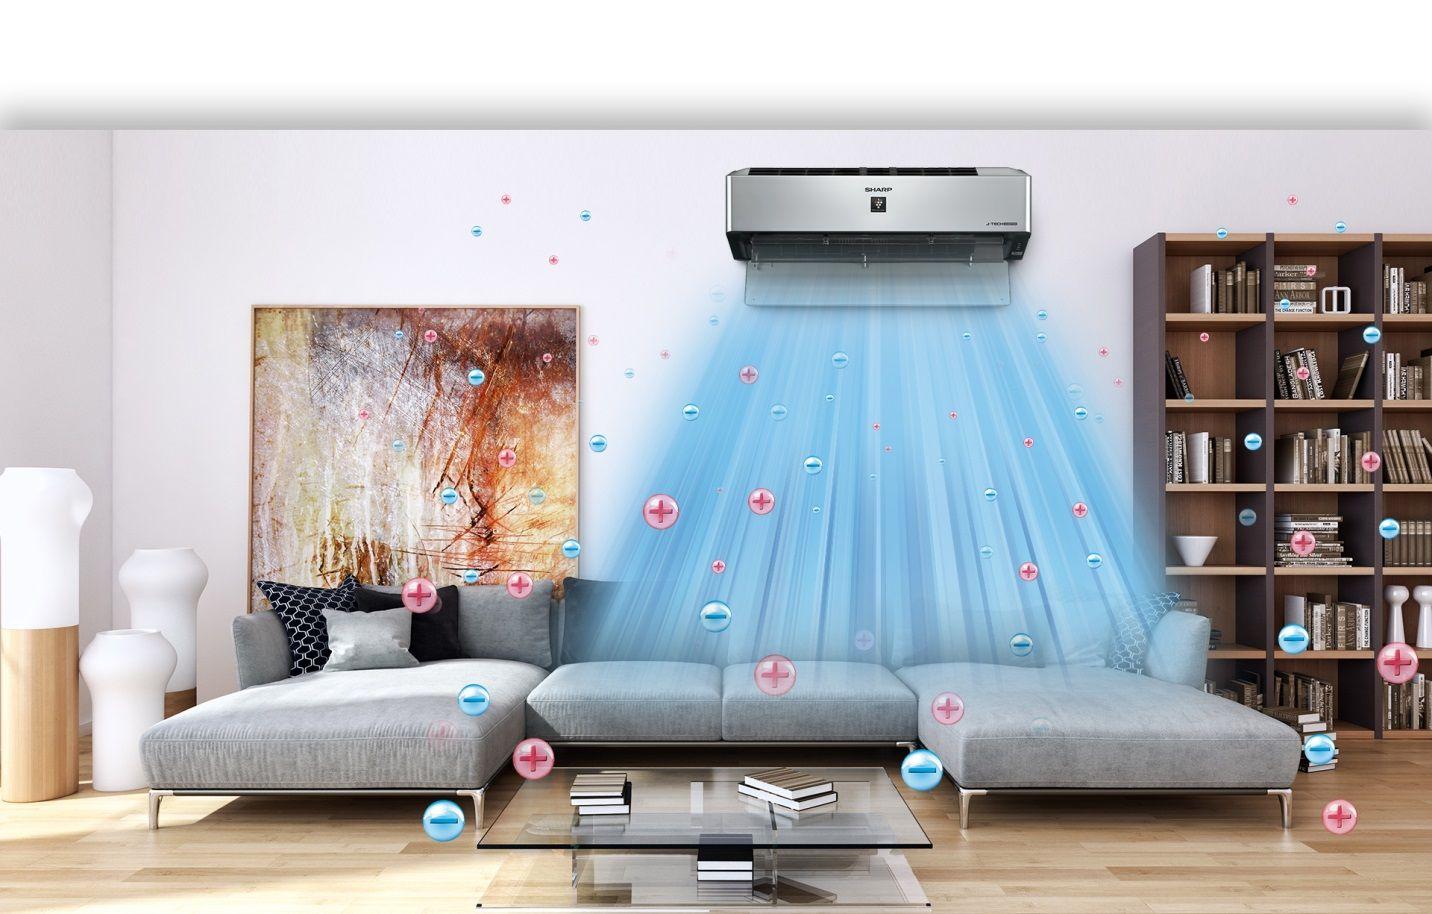 Các lưu ý khi bảo dưỡng máy lạnh tại nhà